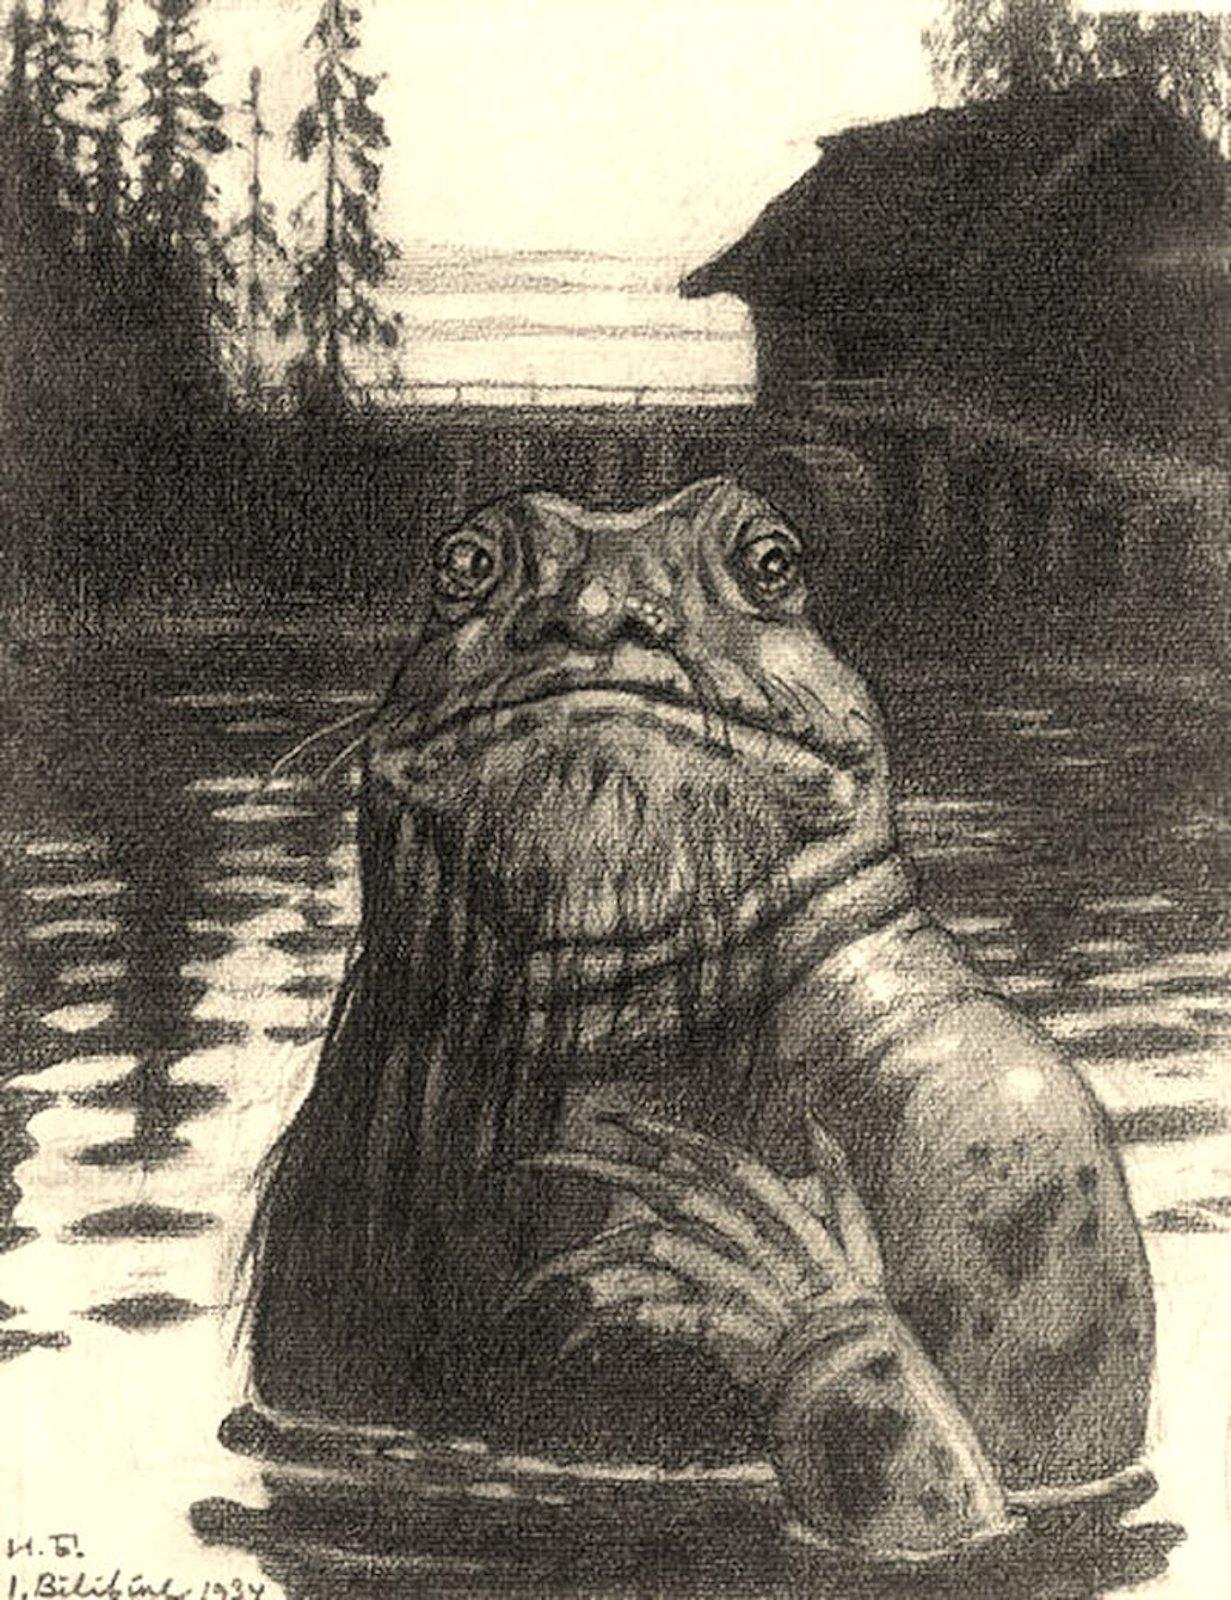 Vodyanoy von Iwan Jakowlewitsch Bilibin 1934. (Bild: Wikipedia)